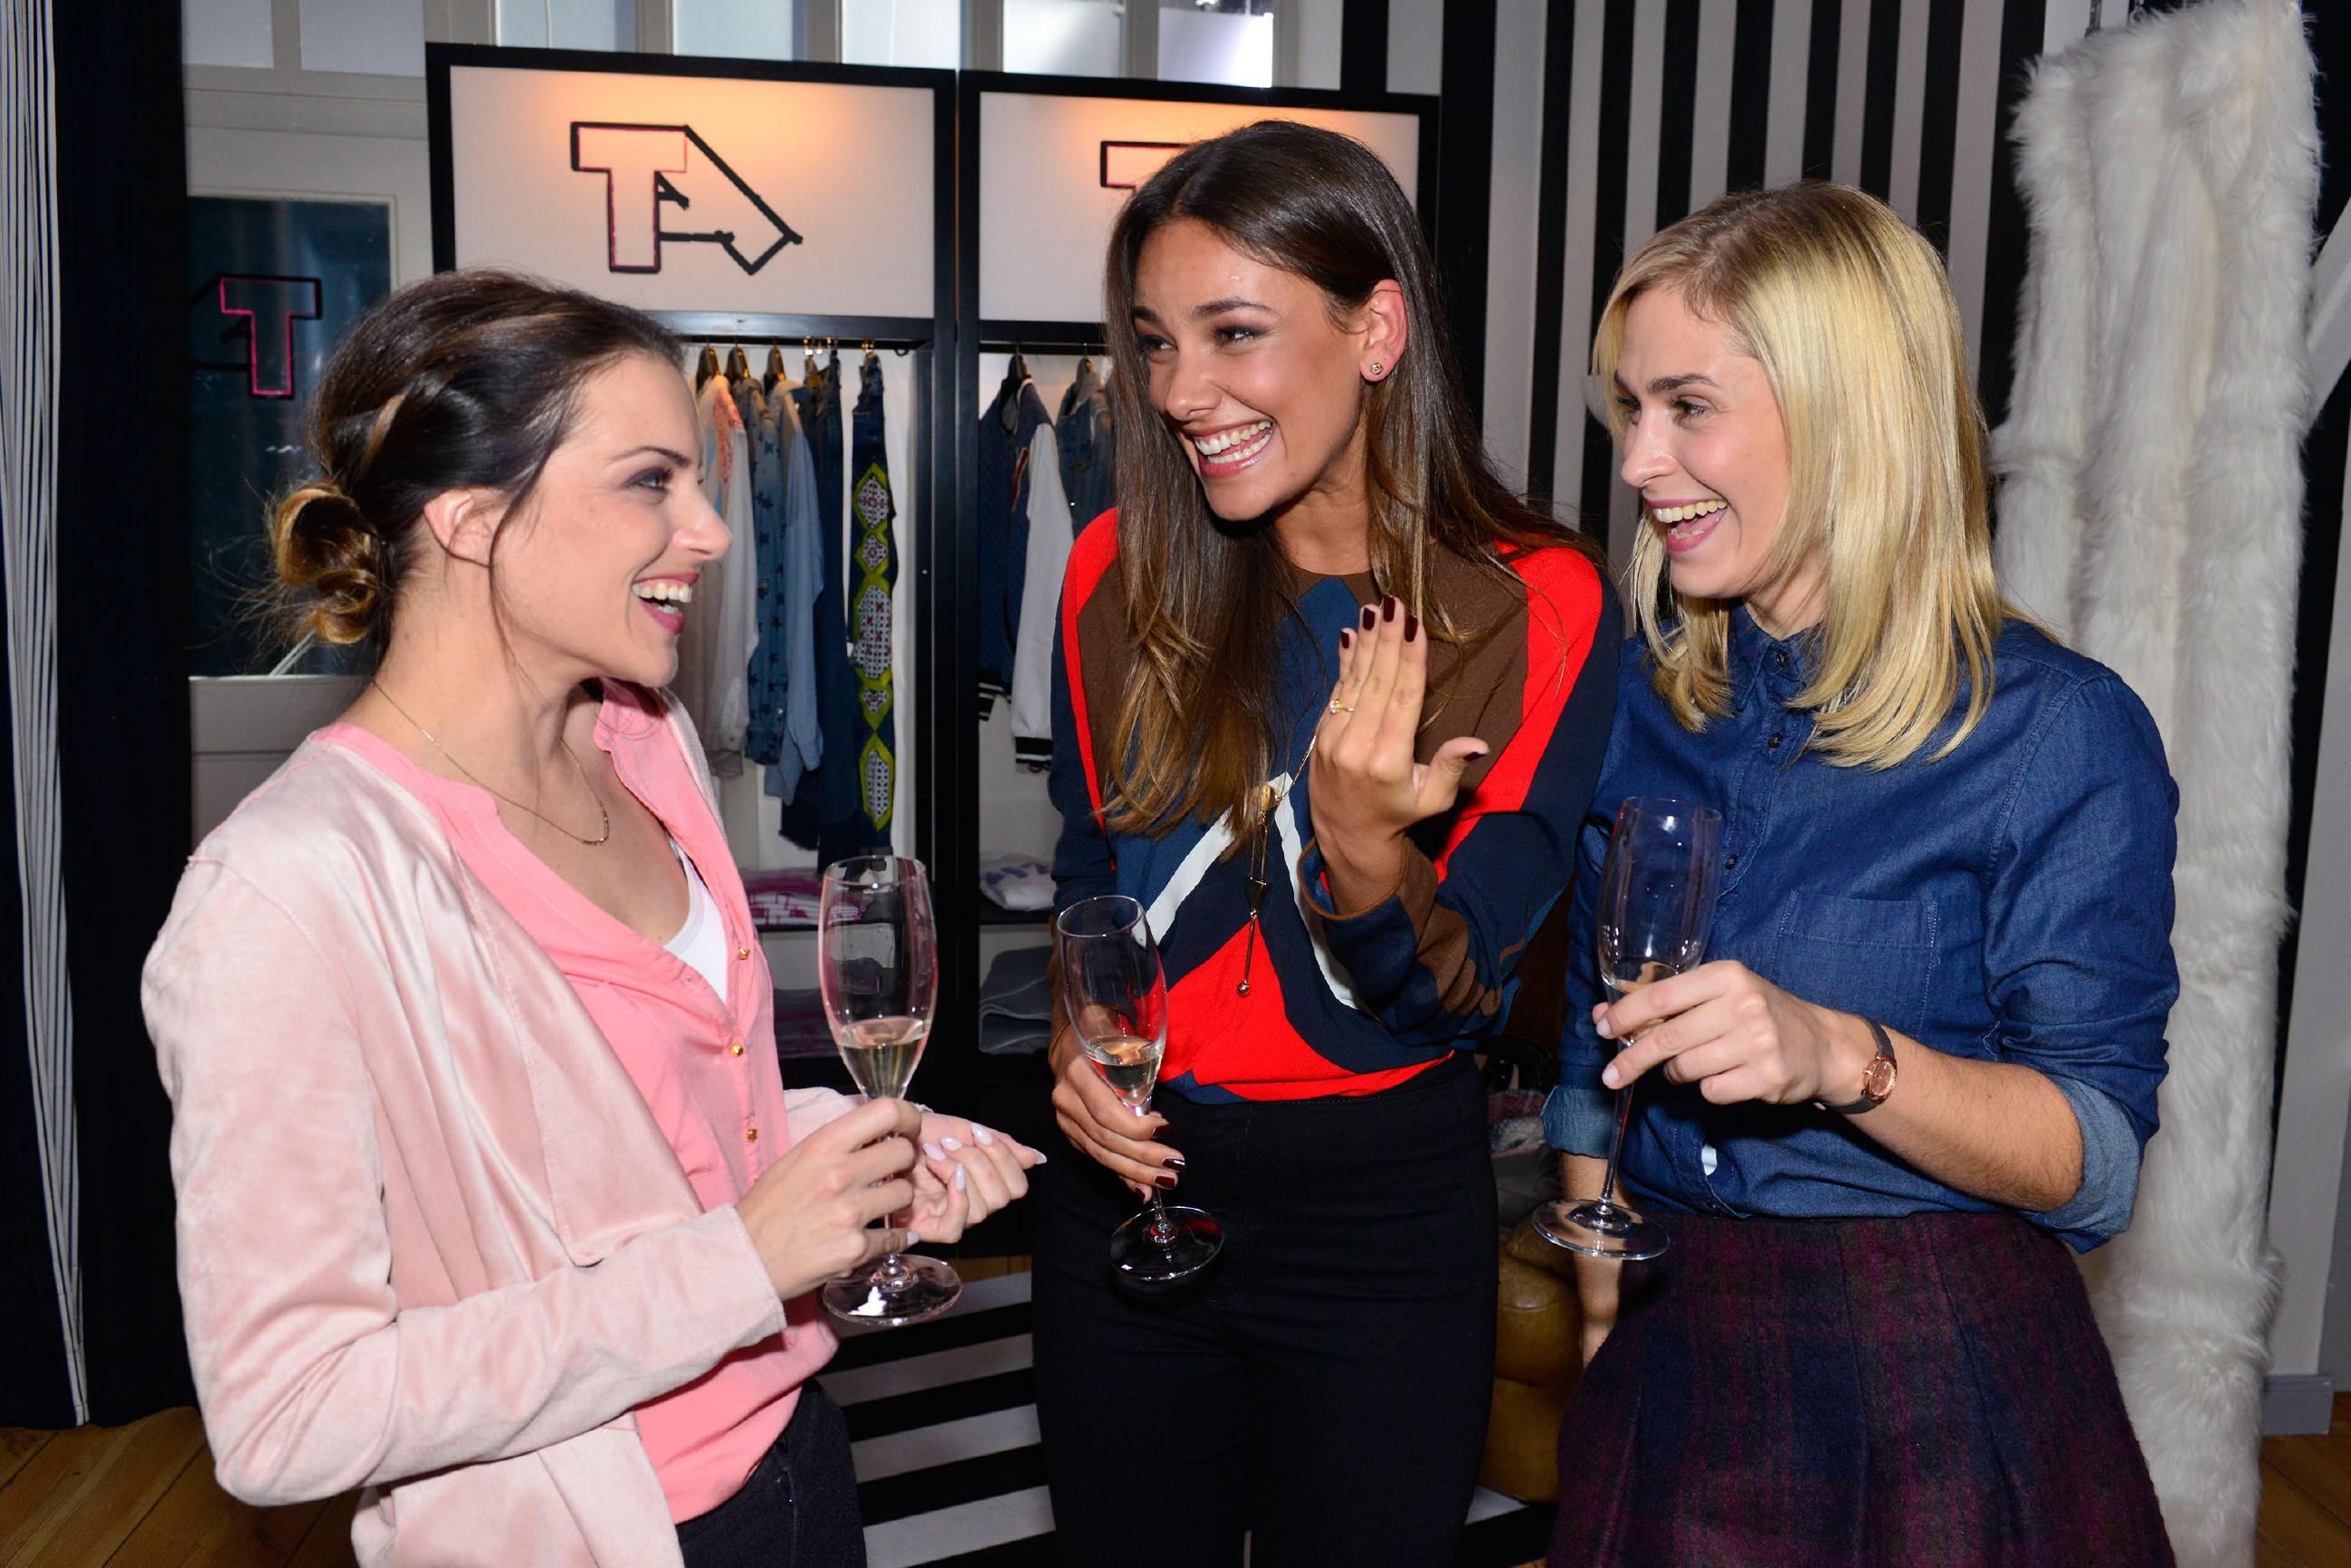 Während Jasmin (Janina Uhse, M.) mit Emily (Anne Menden, l.) und Sophie (Lea Marlen Woitack) spontan ihre Verlobung feiert, eröffnet Katrin Frederic gerade die bittere Wahrheit...